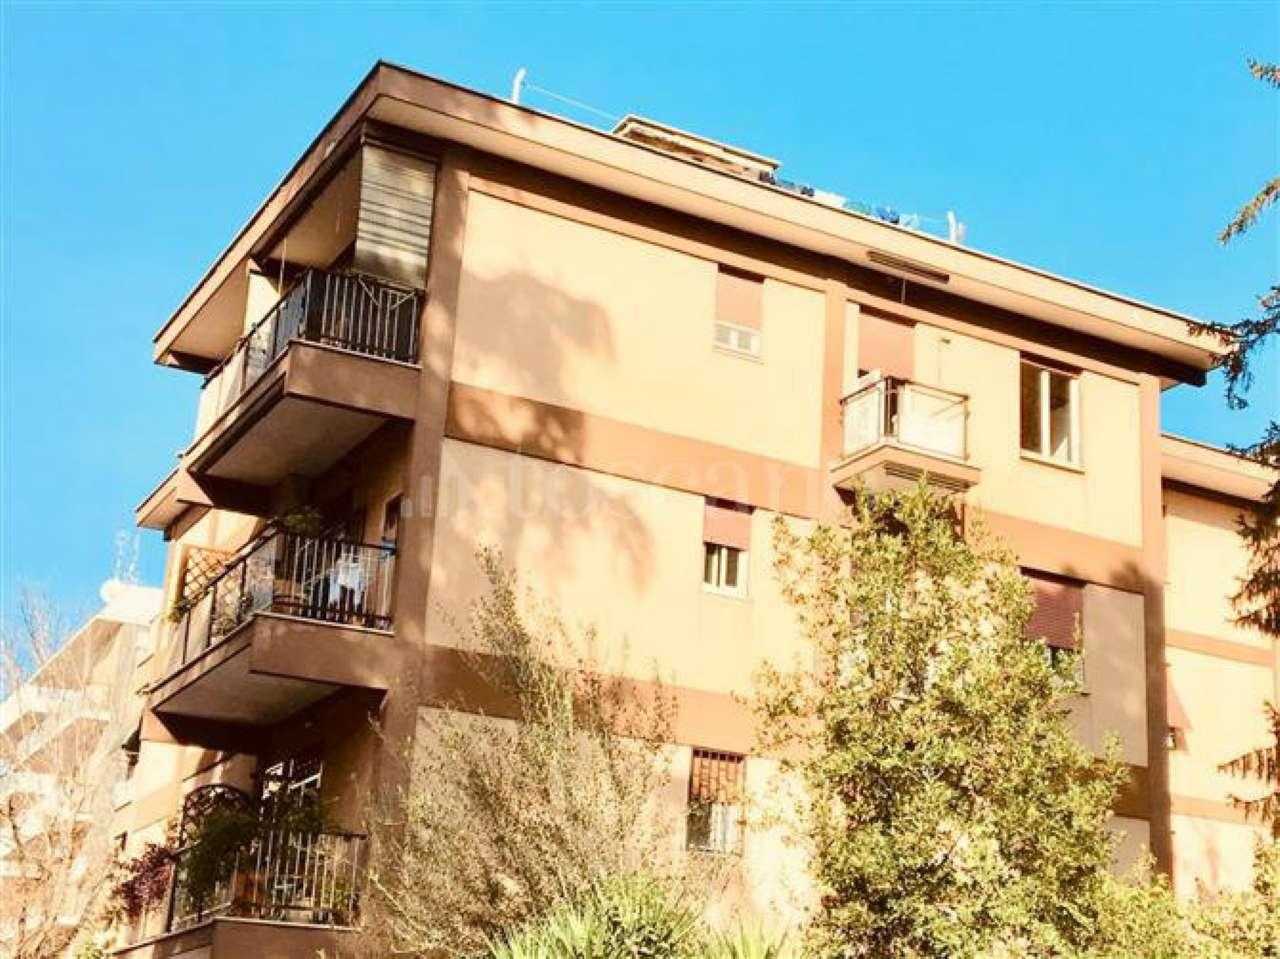 Appartamento in vendita a Roma, 4 locali, zona Zona: 28 . Torrevecchia - Pineta Sacchetti - Ottavia, prezzo € 290.000   CambioCasa.it